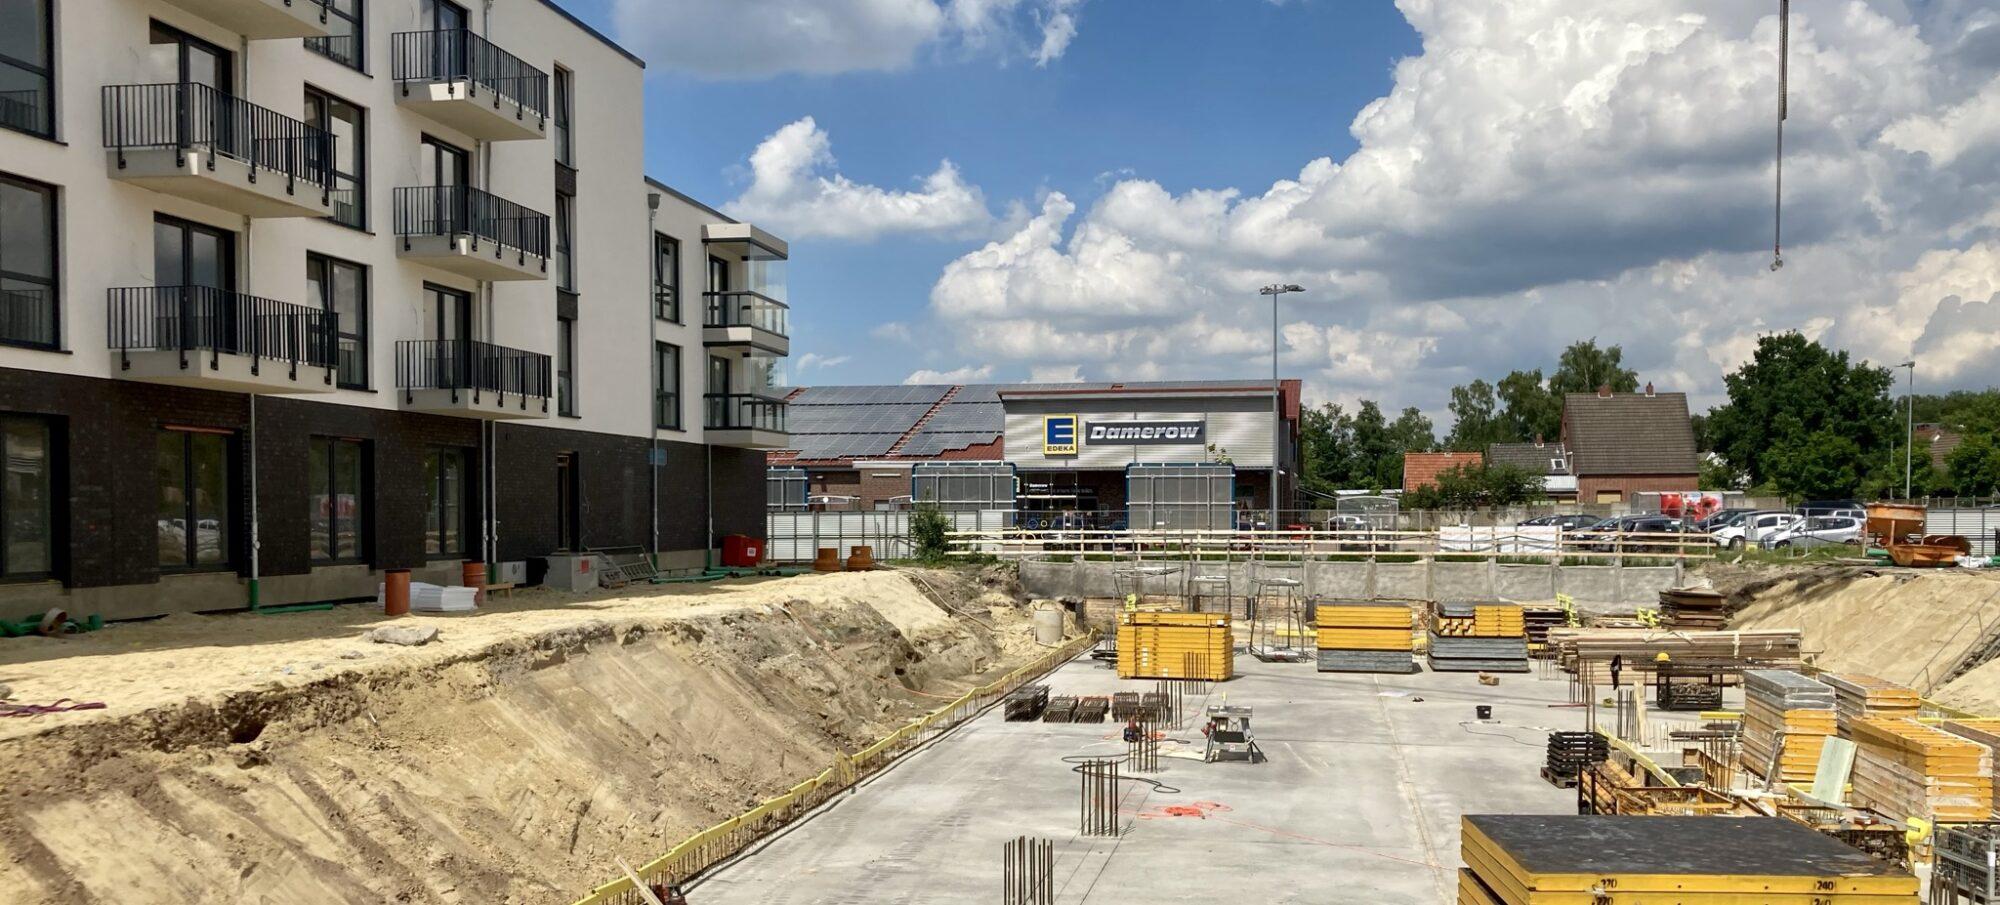 Aumund Central in Bremen-Aumund. Baubeginn